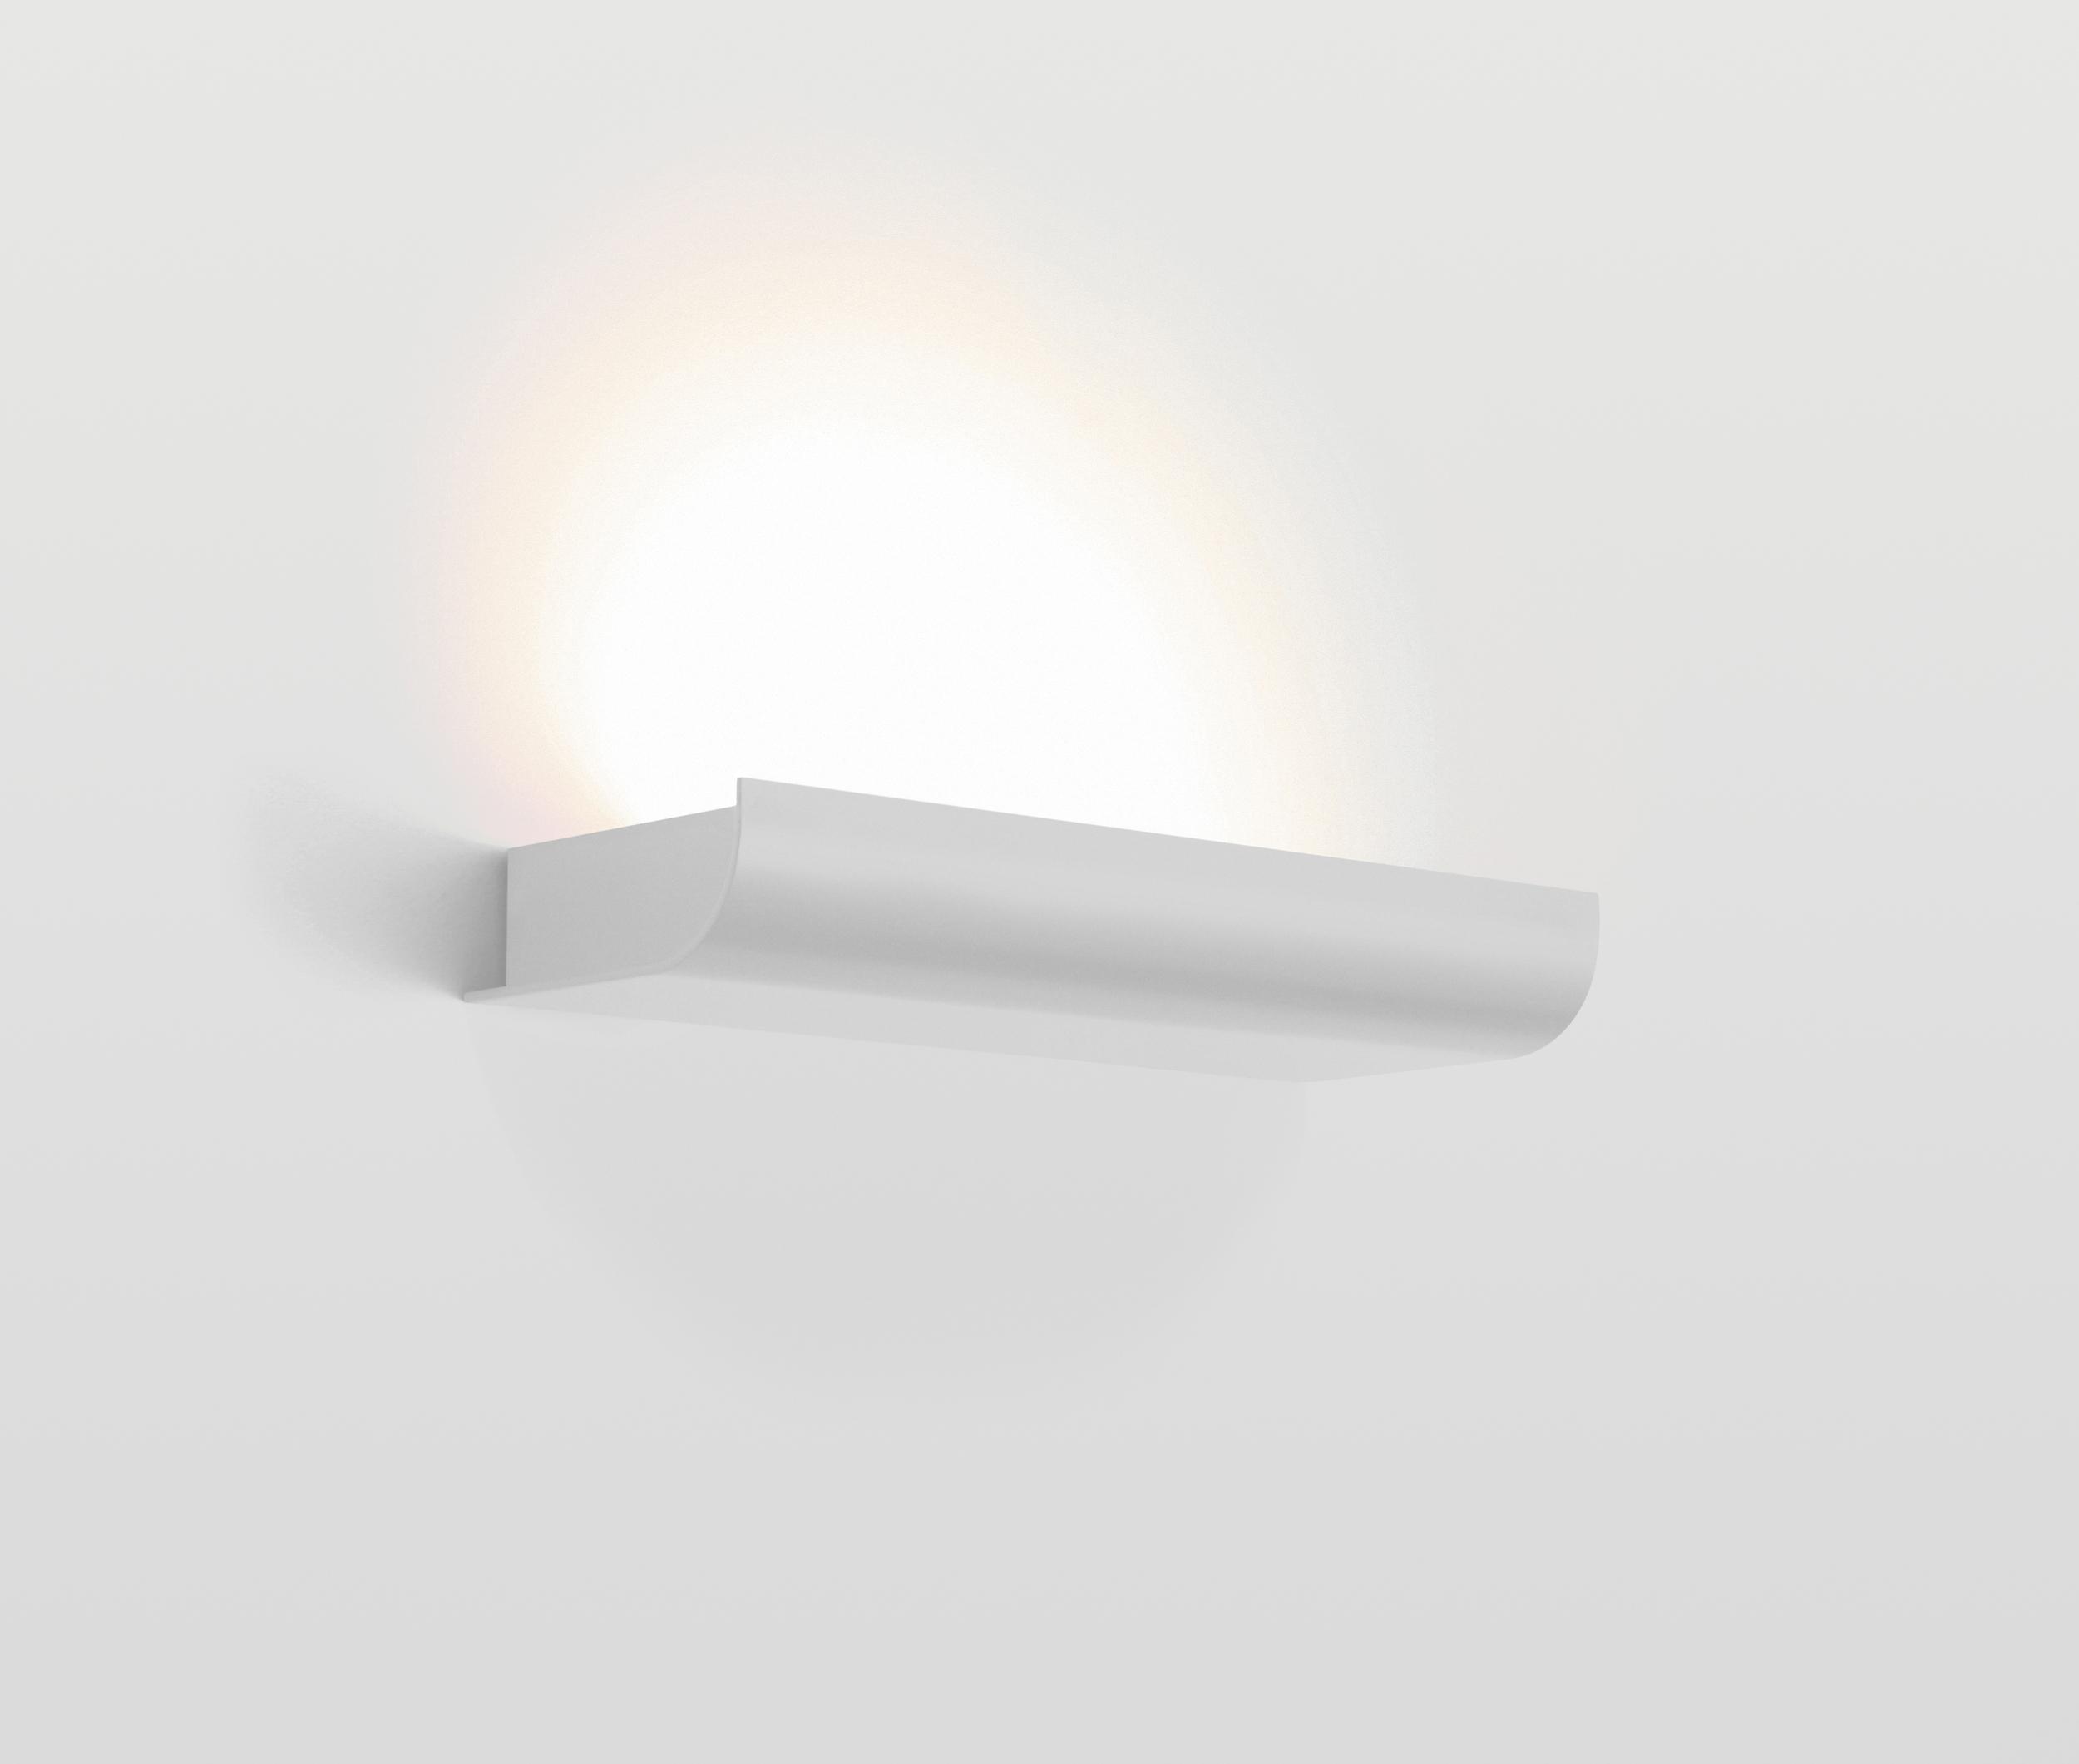 ISM_I Do_Wall Washer_Large_Flat White.jpg